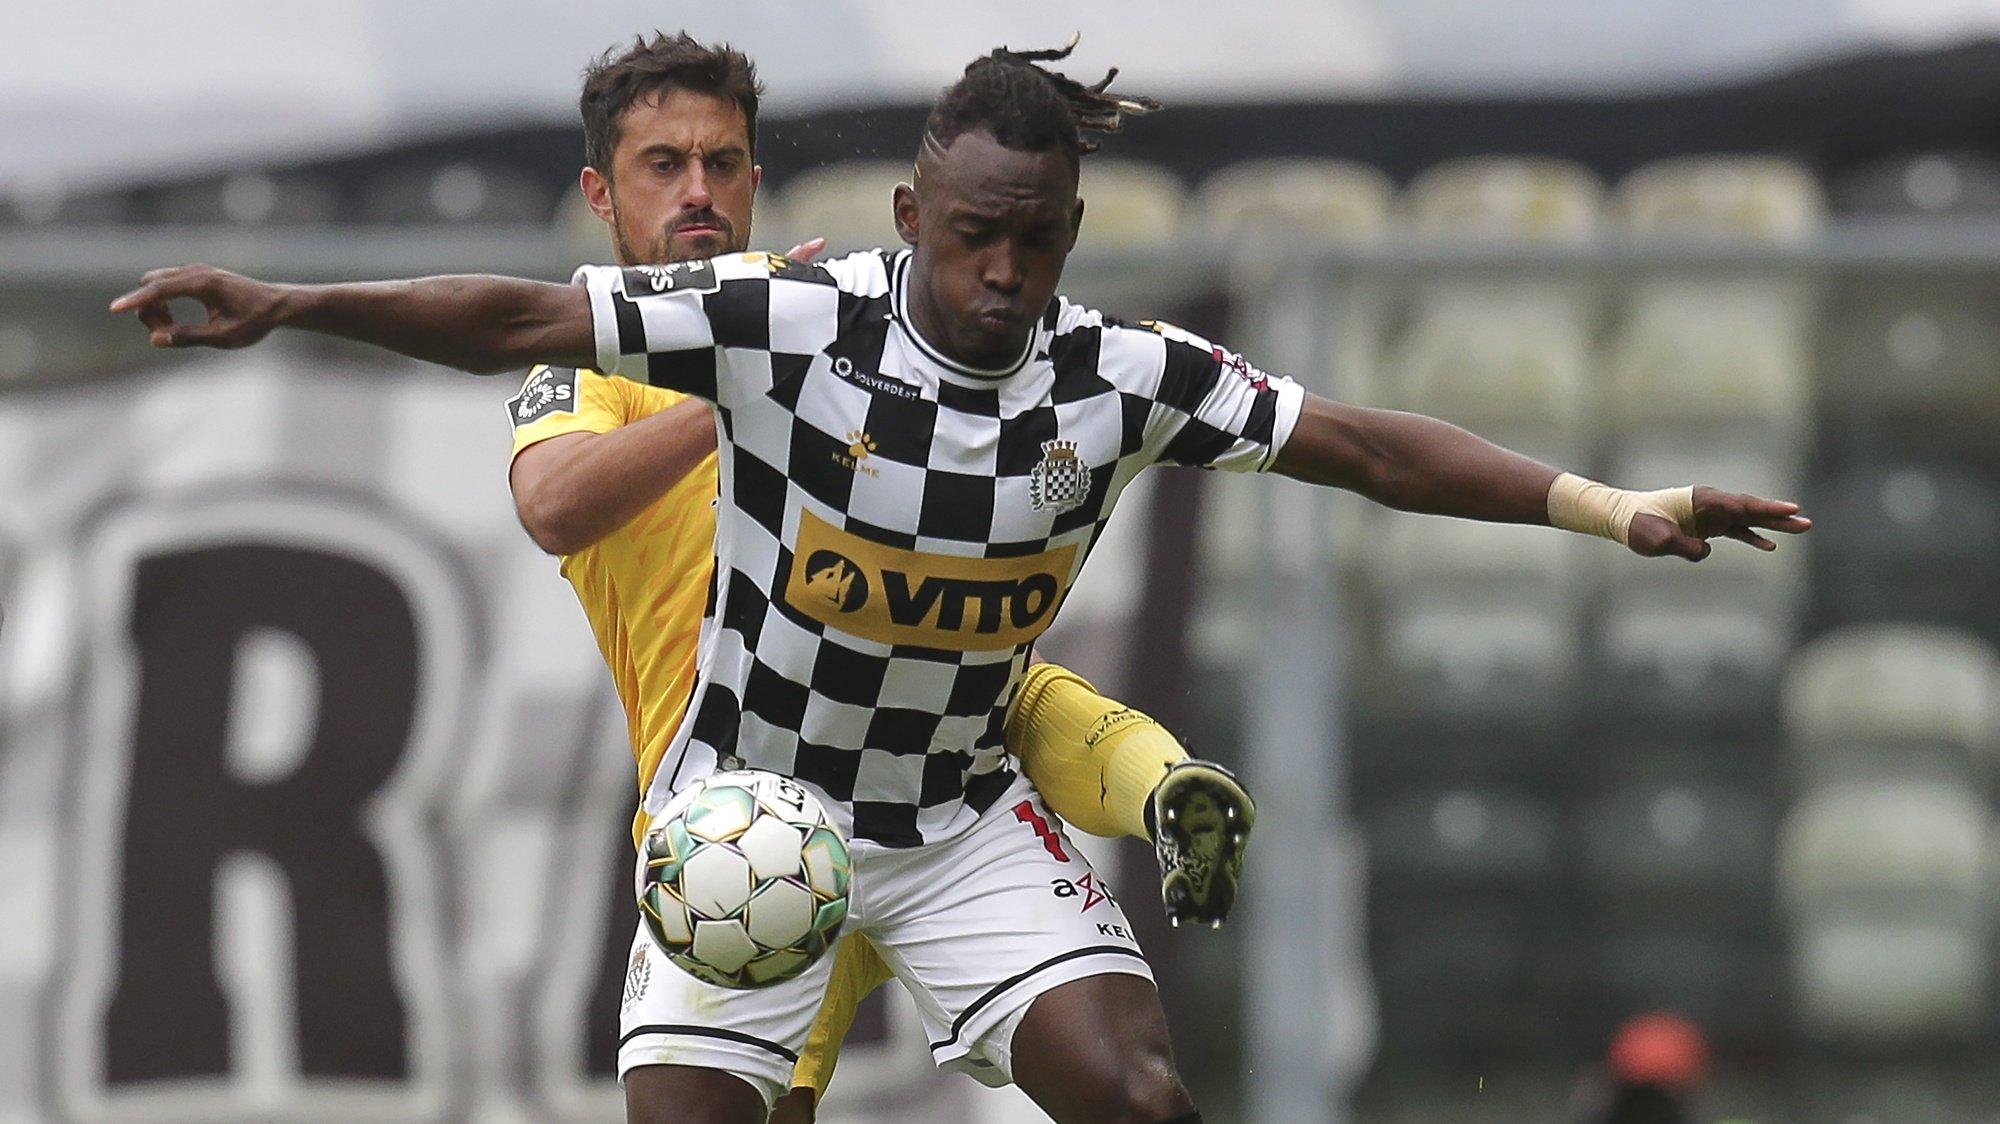 O jogador do Boavista Alberth Elis (D) disputa a bola com o jogador do Portimonense Maurício (E), durante o jogo da Primeira Liga de Futebol entre o Boavista e o Portimonense, realizado no Estádio do Bessa, no Porto, 15 de maio de 2021. MANUEL FERNANDO ARAÚJO/LUSA